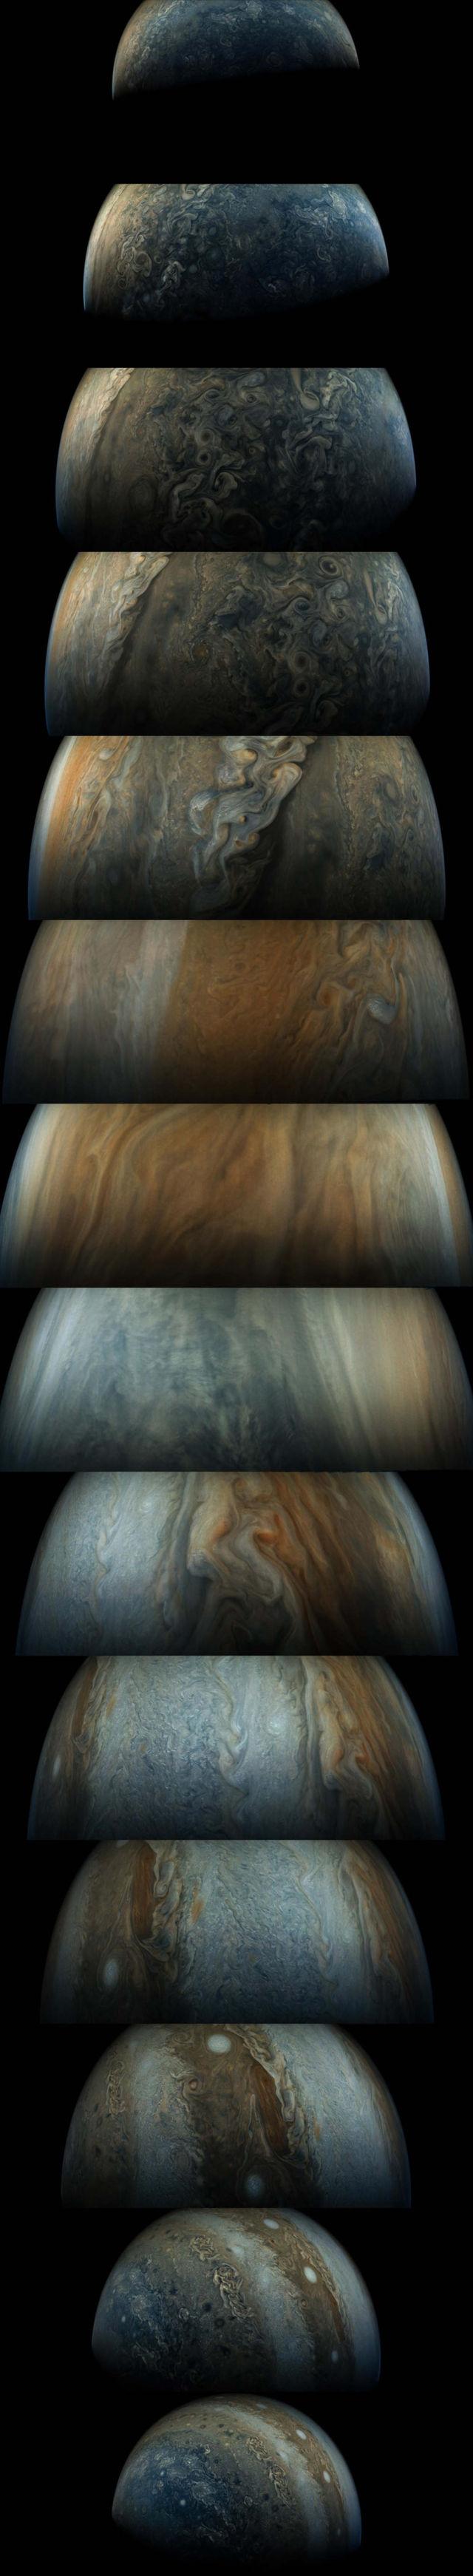 Amazing new images of Jupiter